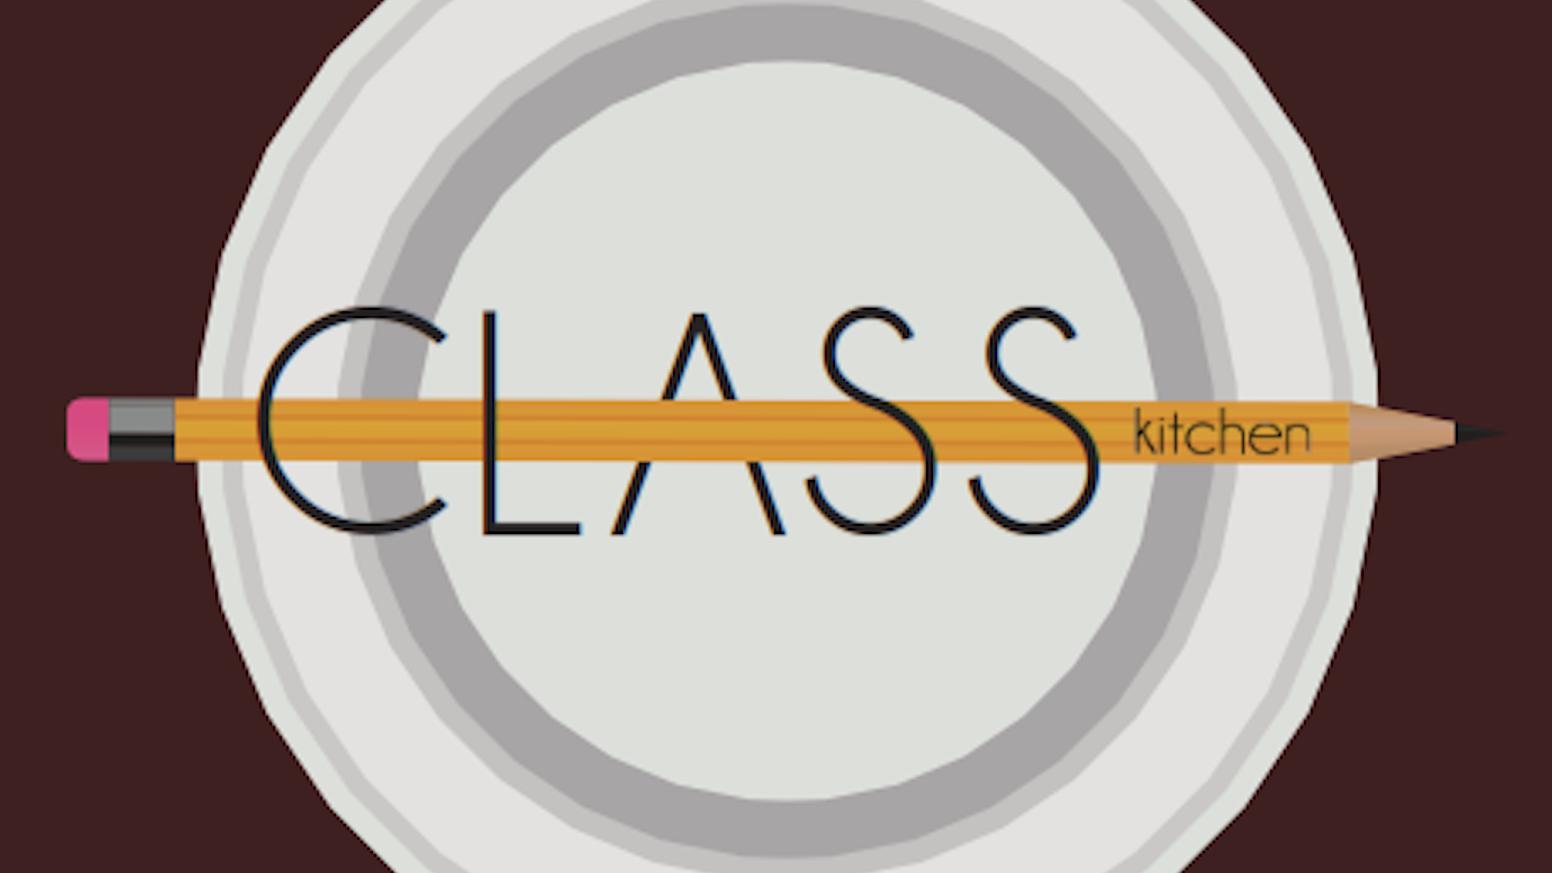 CLASS kitchen - A Student Run Pop-Up Restaurant by CLASS kitchen ...